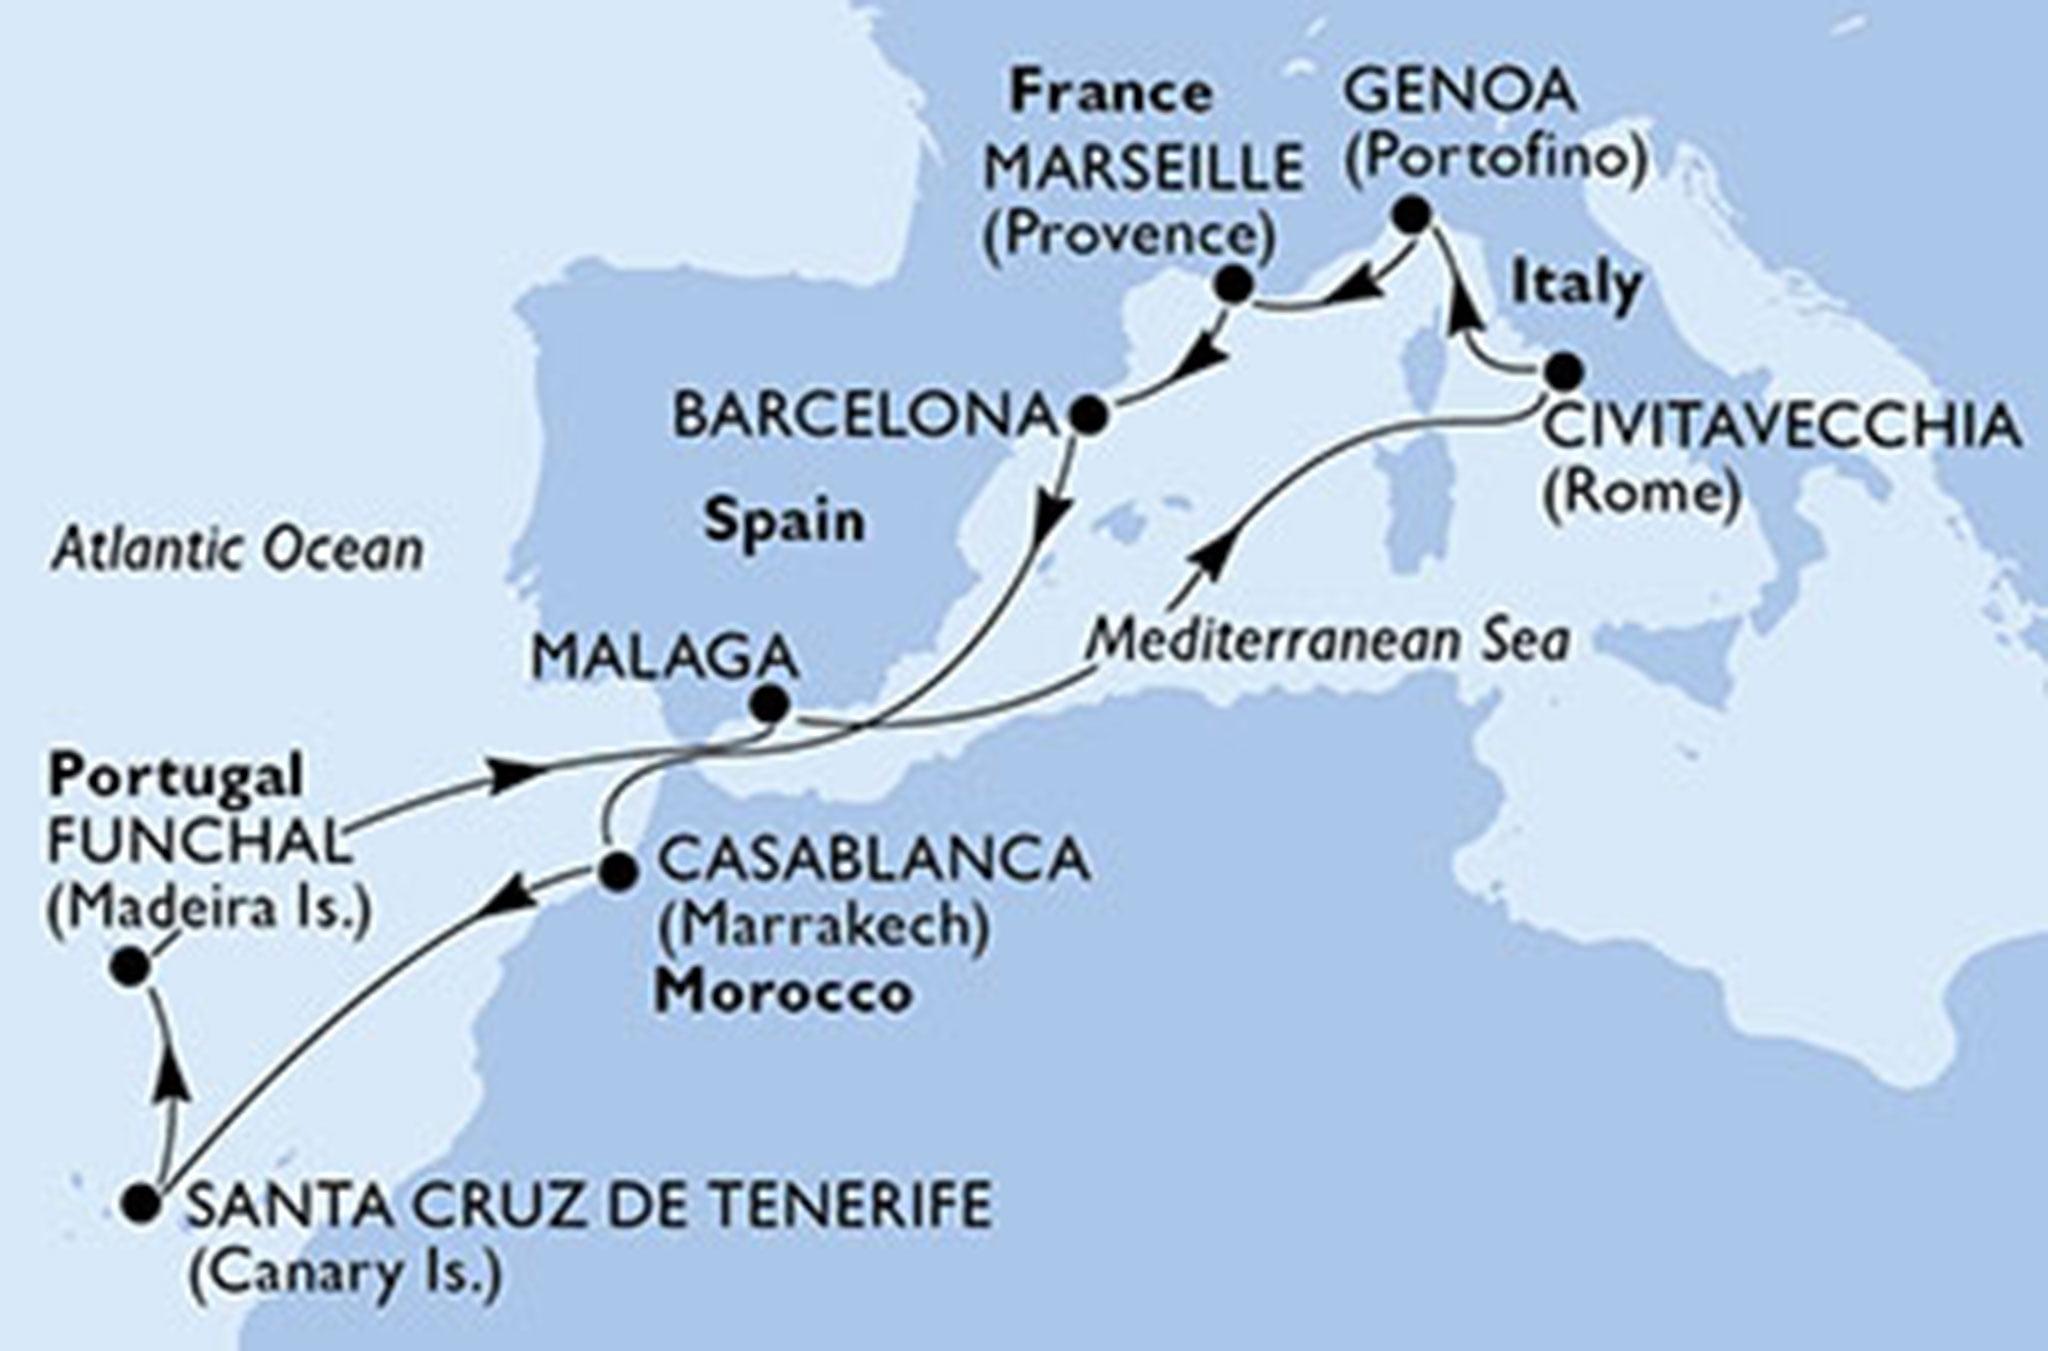 Crucero Poesia Canarias-Madeira – Falken Tours